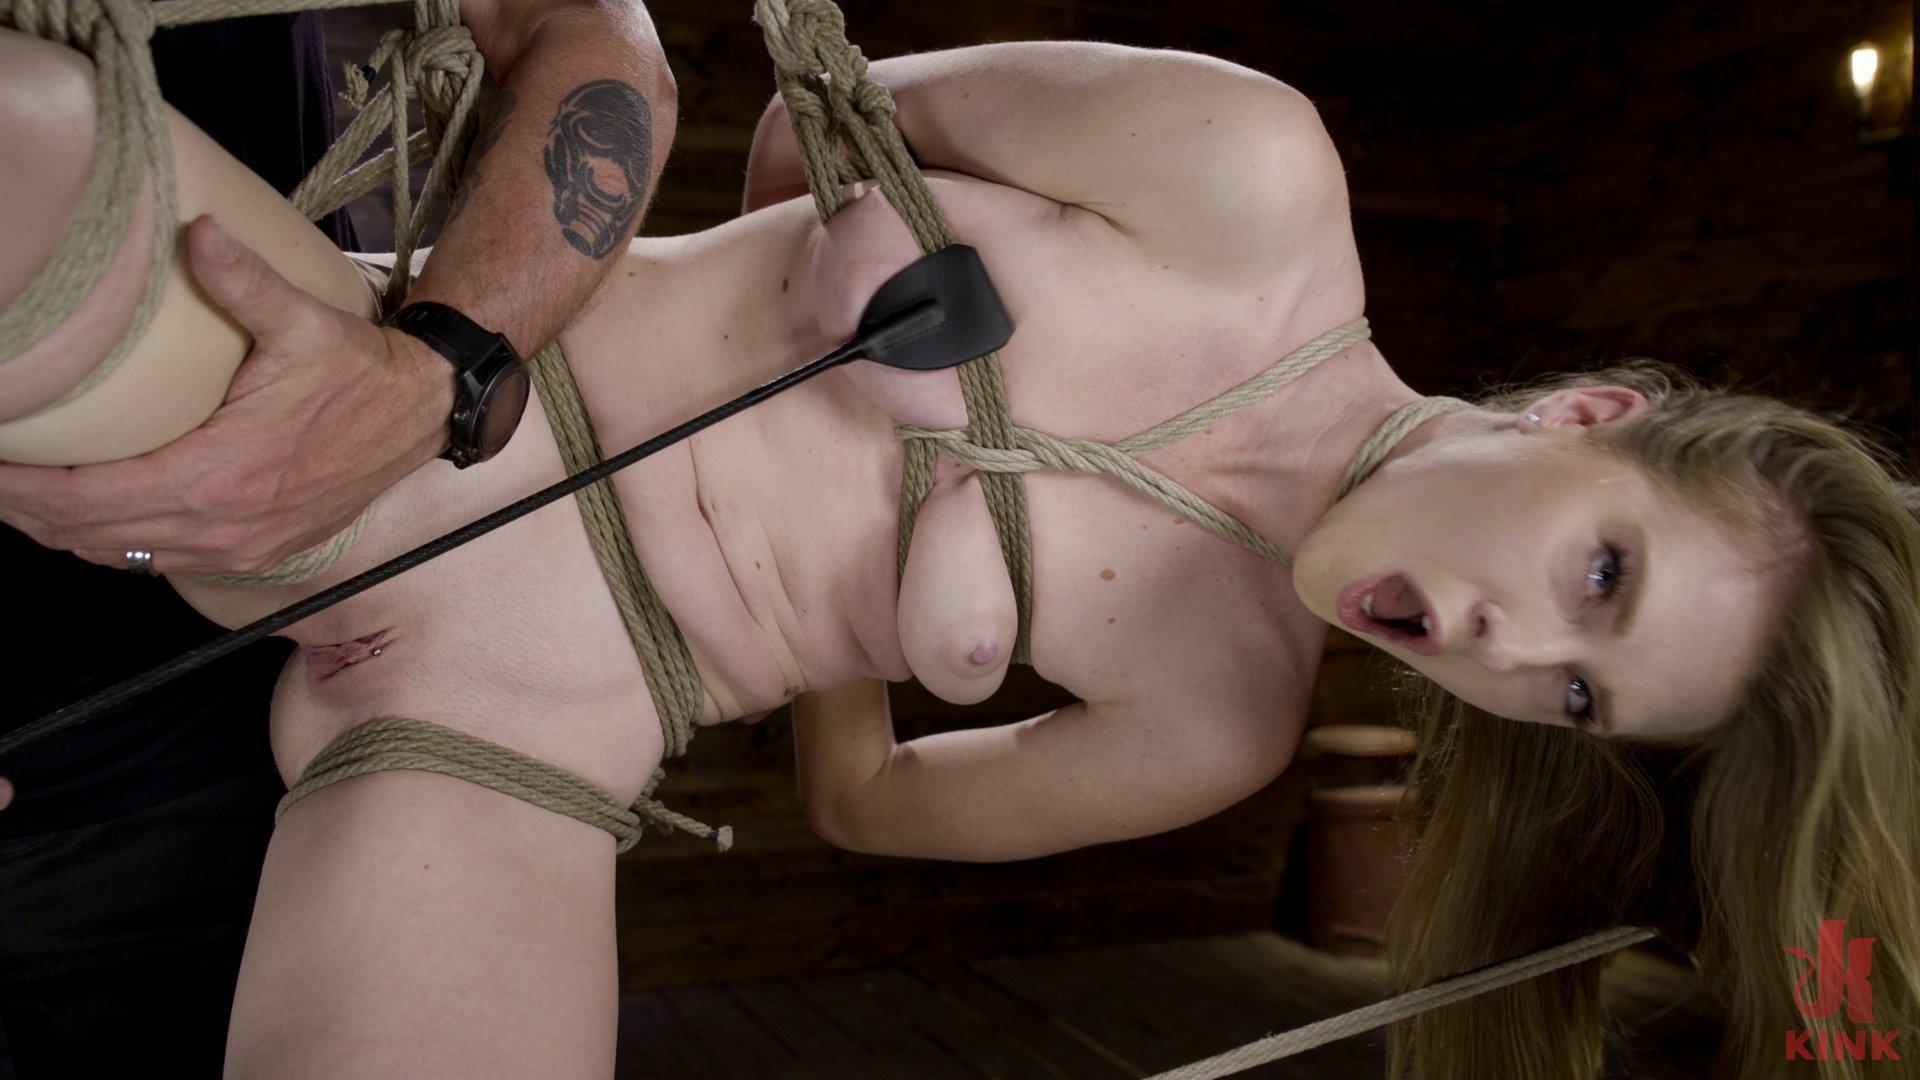 Hardcore Bondage and Domination Makes Ashley Lane A Happy Slut!